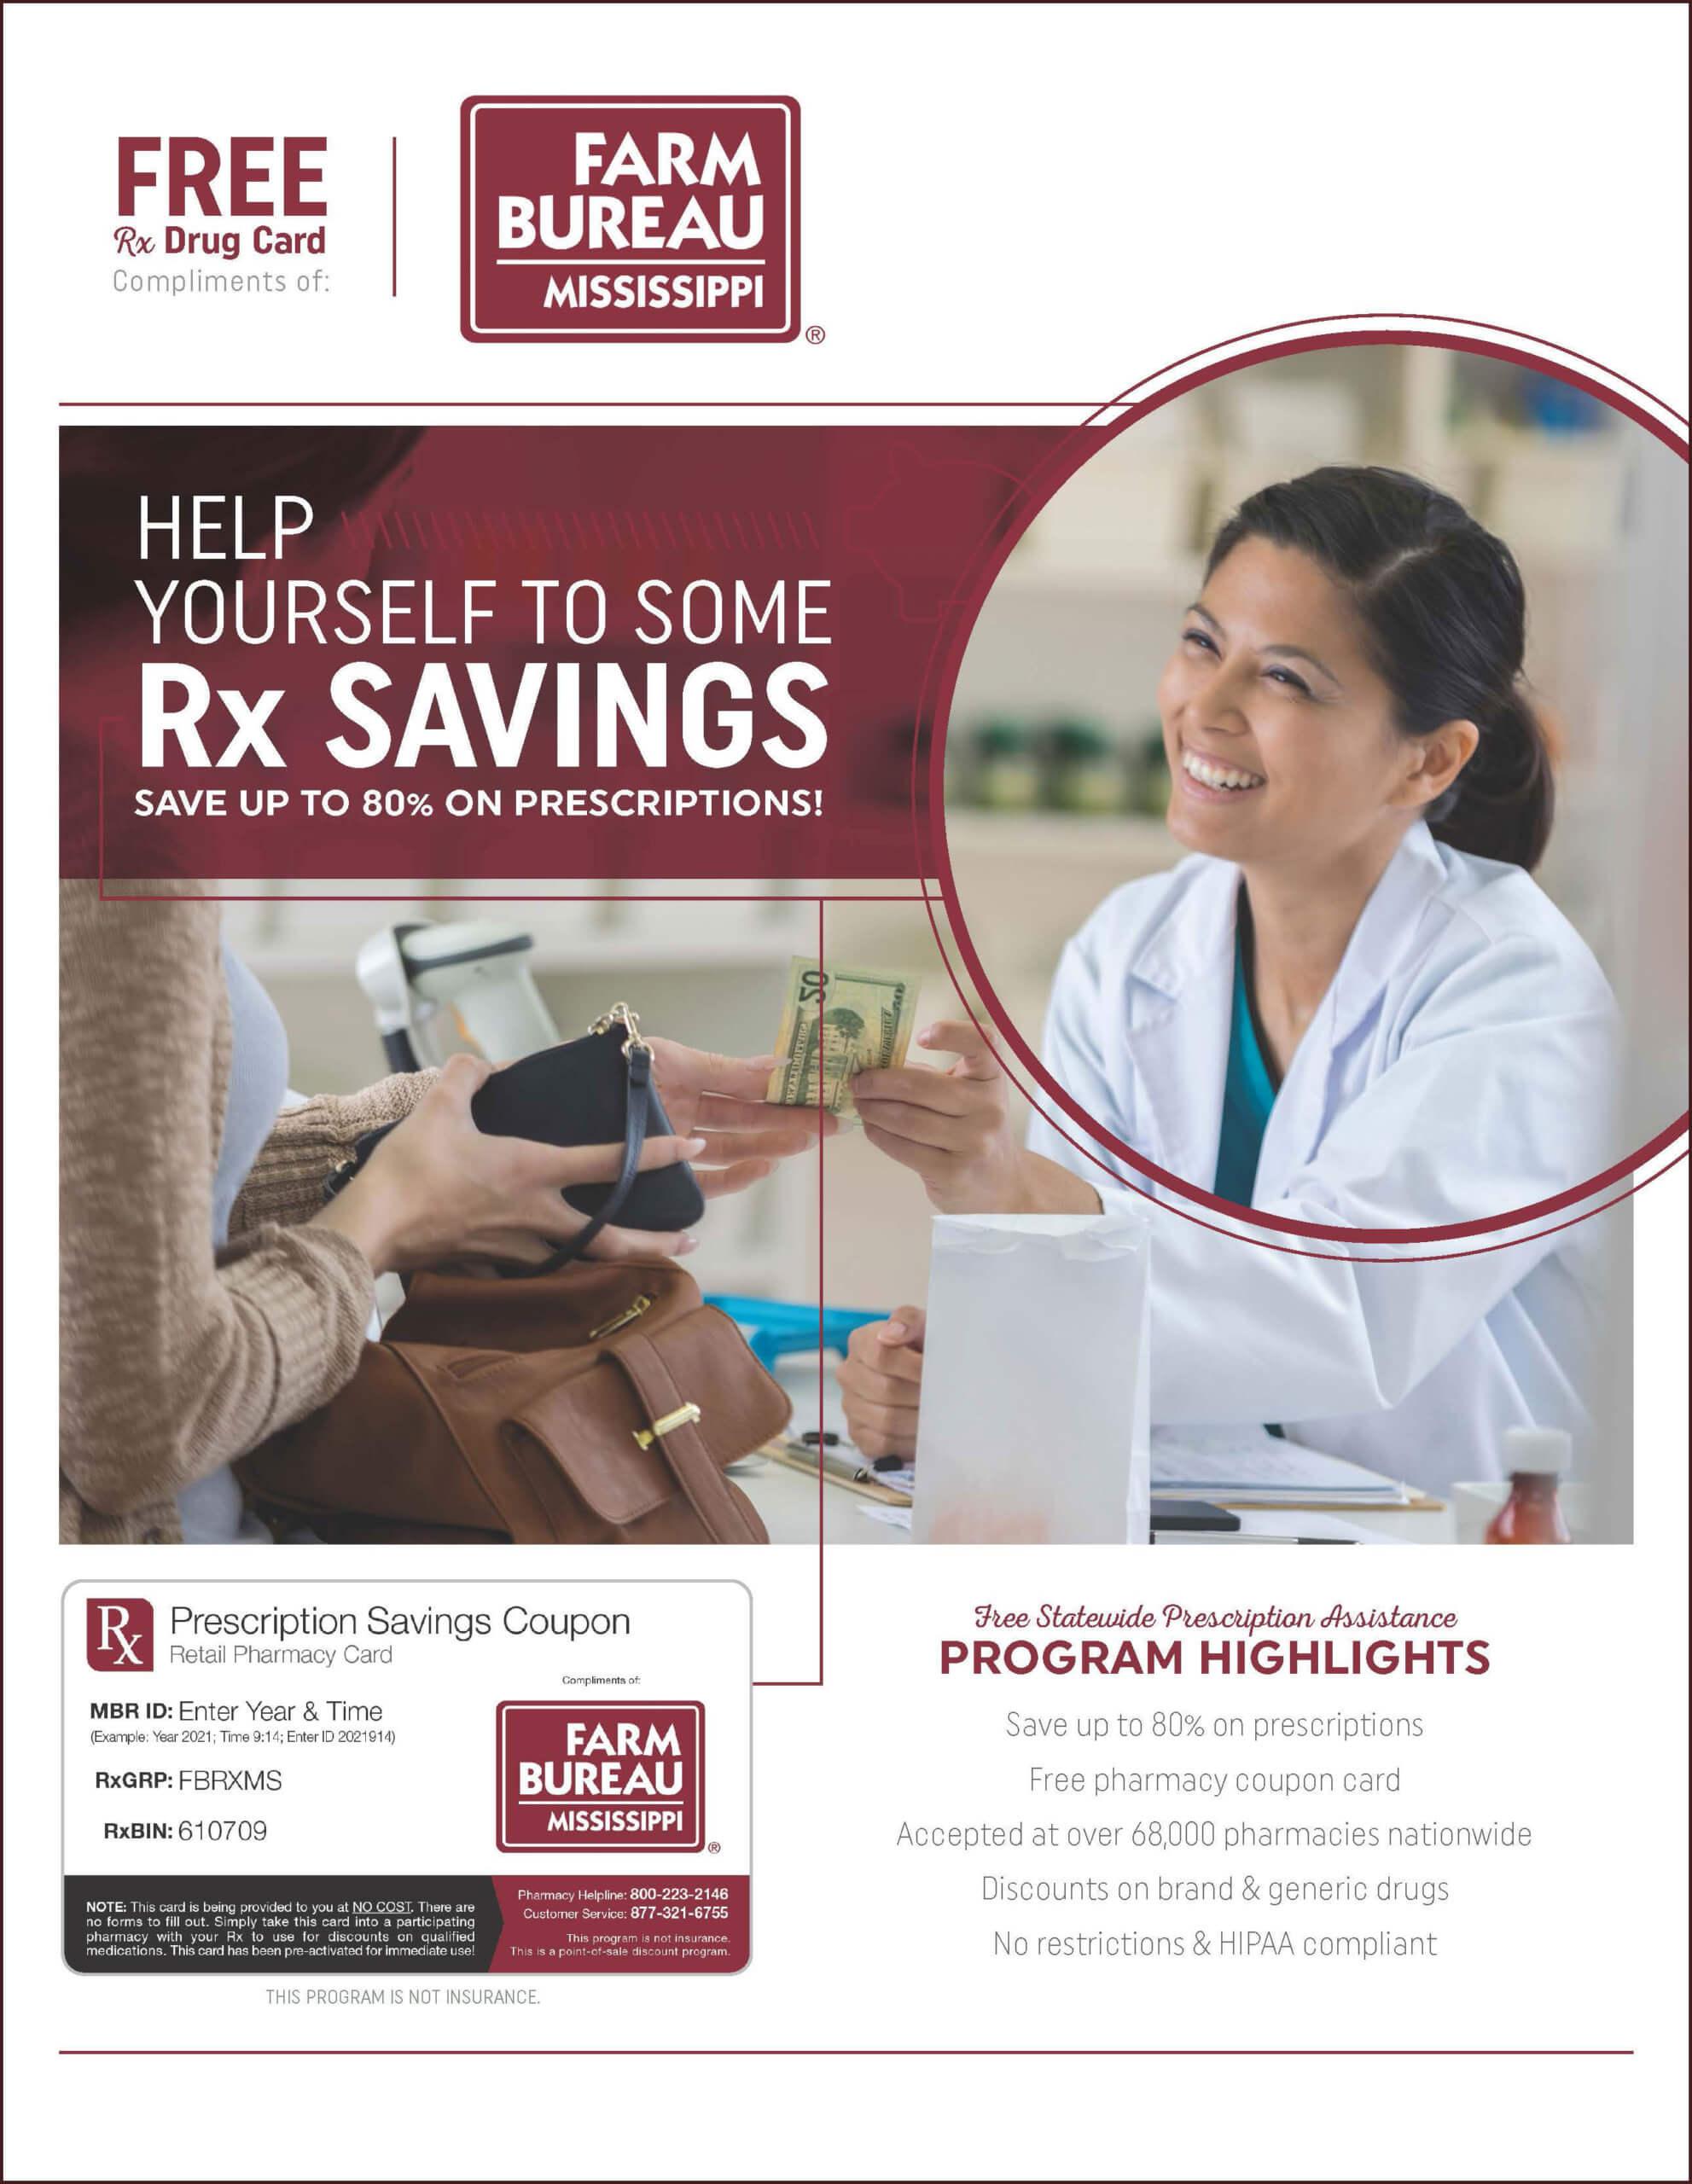 Mississippi-Farm-Bureau-Federation—Rx-Savings-Flyer1